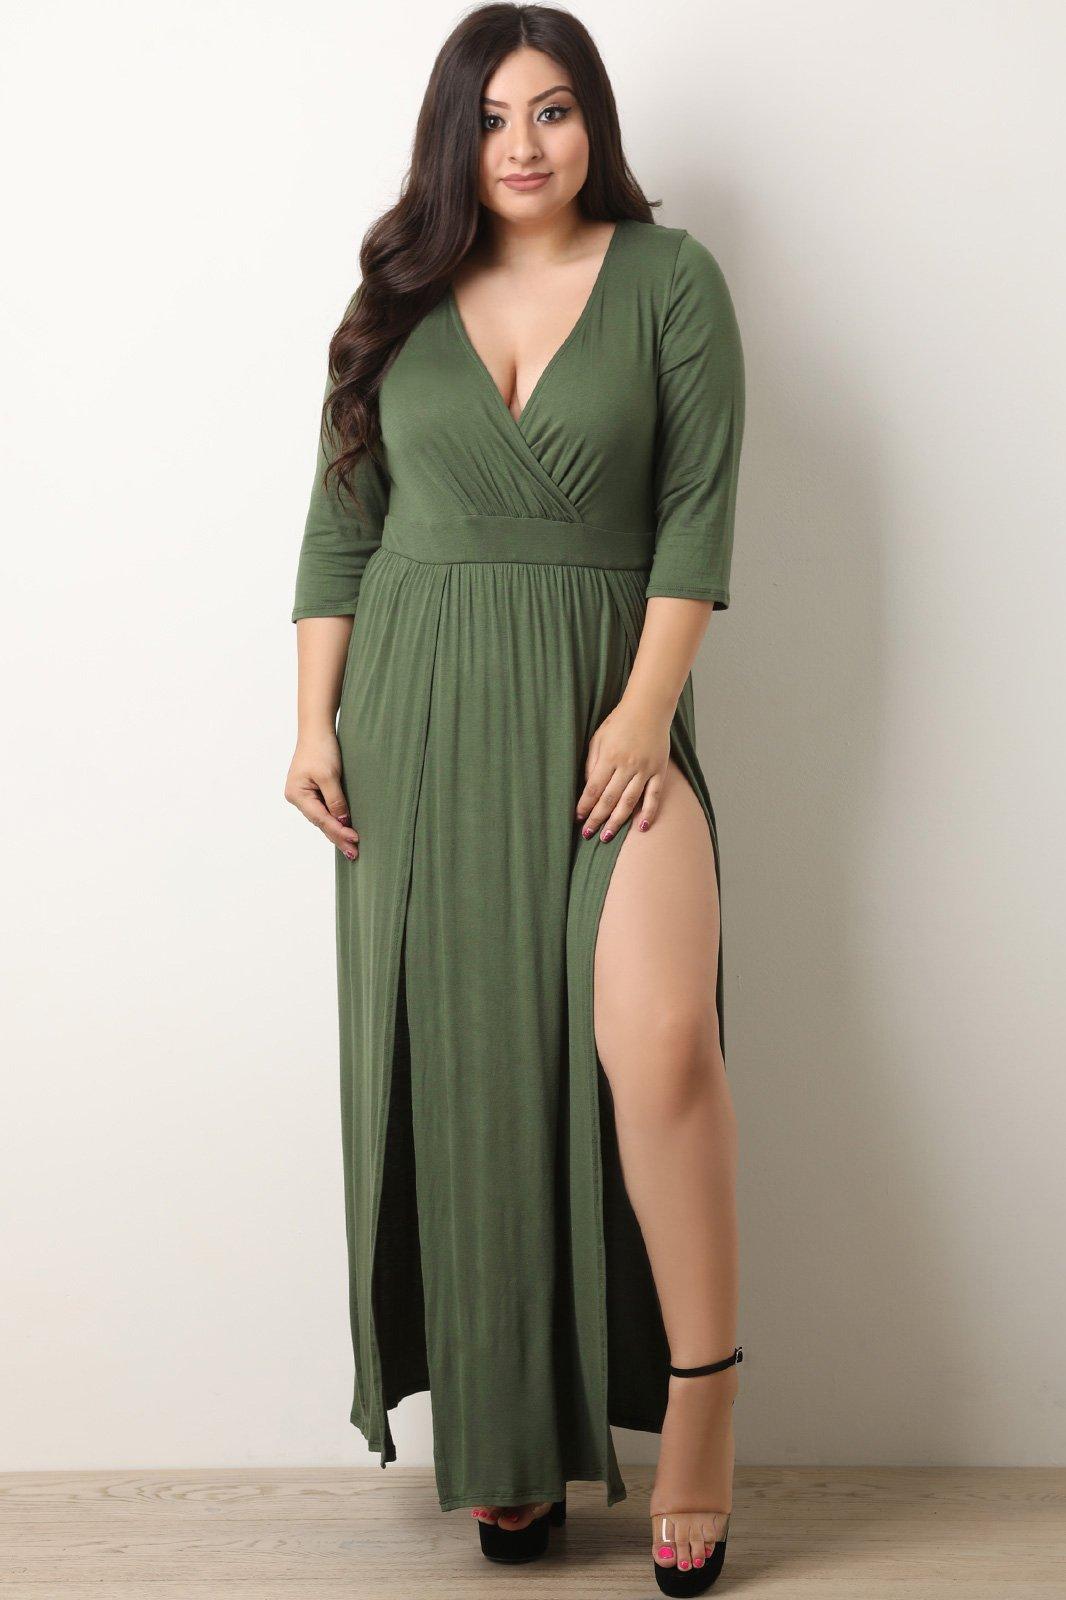 51ce09bf40d Surplice Double Slit Maxi Dress - Rosie Grace Boutique